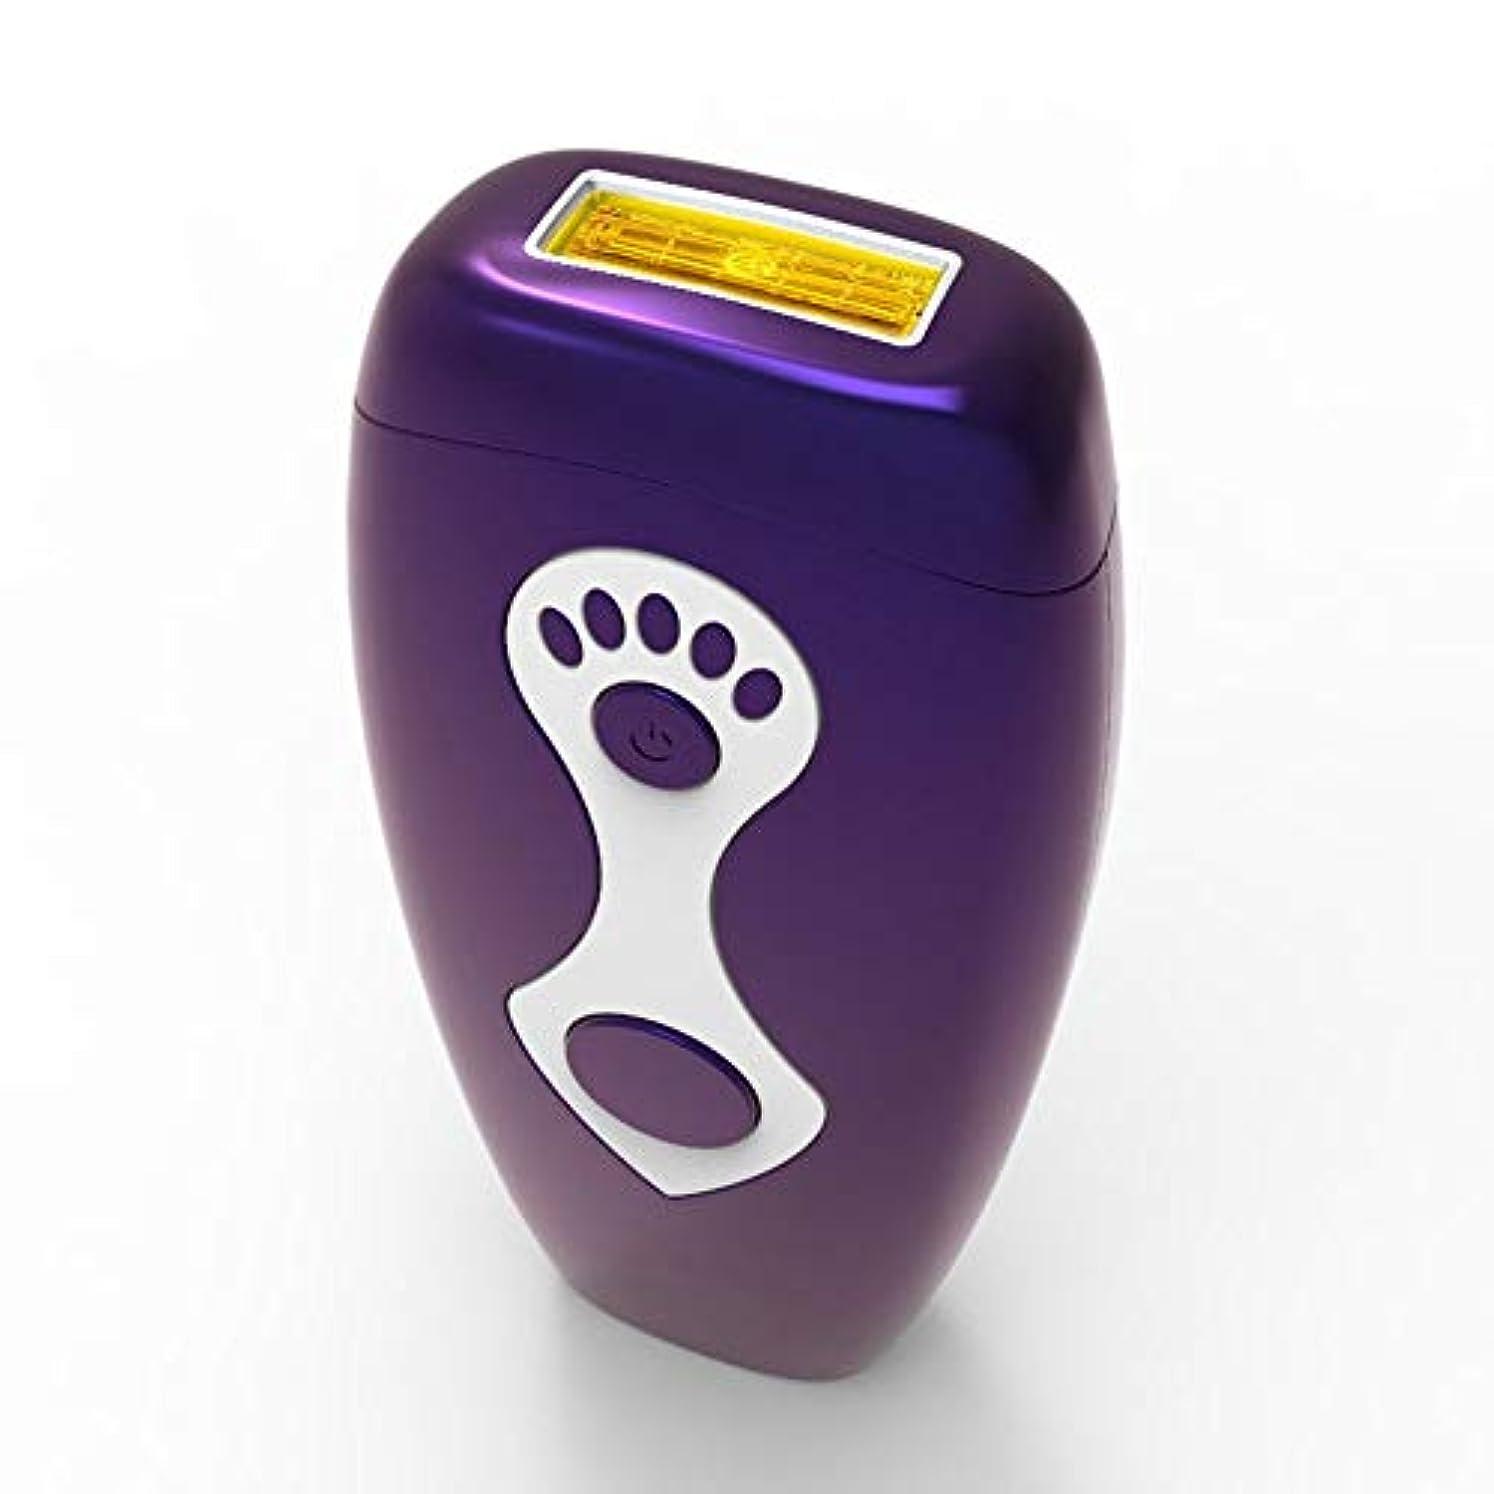 フリース分空洞ダパイ パーマネント脱毛、家庭用ニュートラルヘアリムーバー、柔らかい肌、マルチ運動エネルギー、安全性、グレード5無料調整、サイズ7.5×16.5 Cm U546 (Color : Purple)